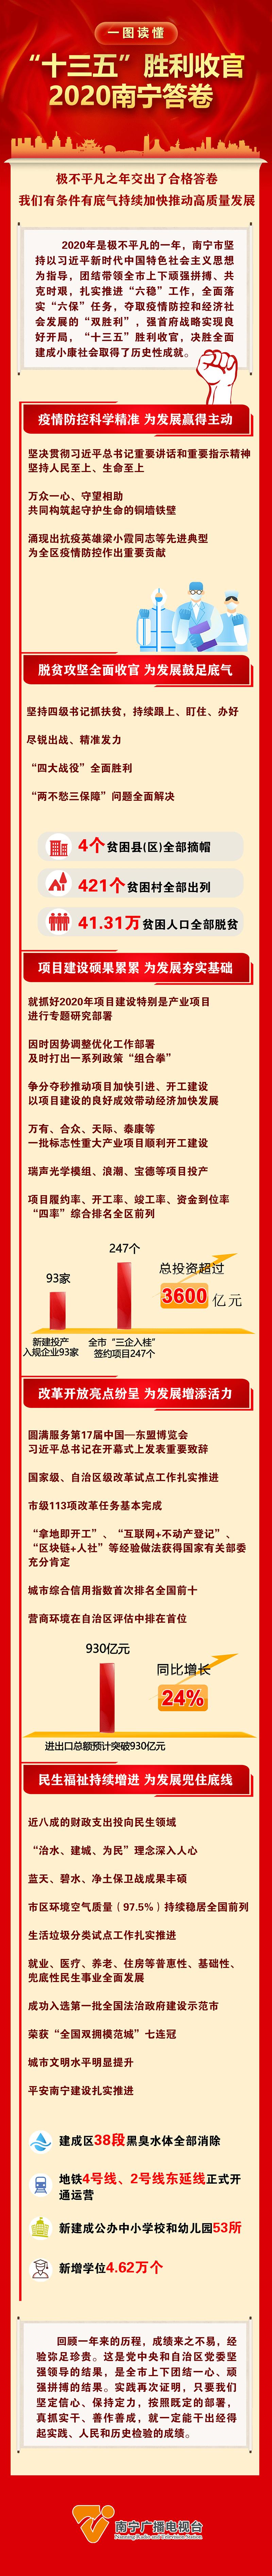 """""""十三五""""胜利收官 2020南宁答卷"""